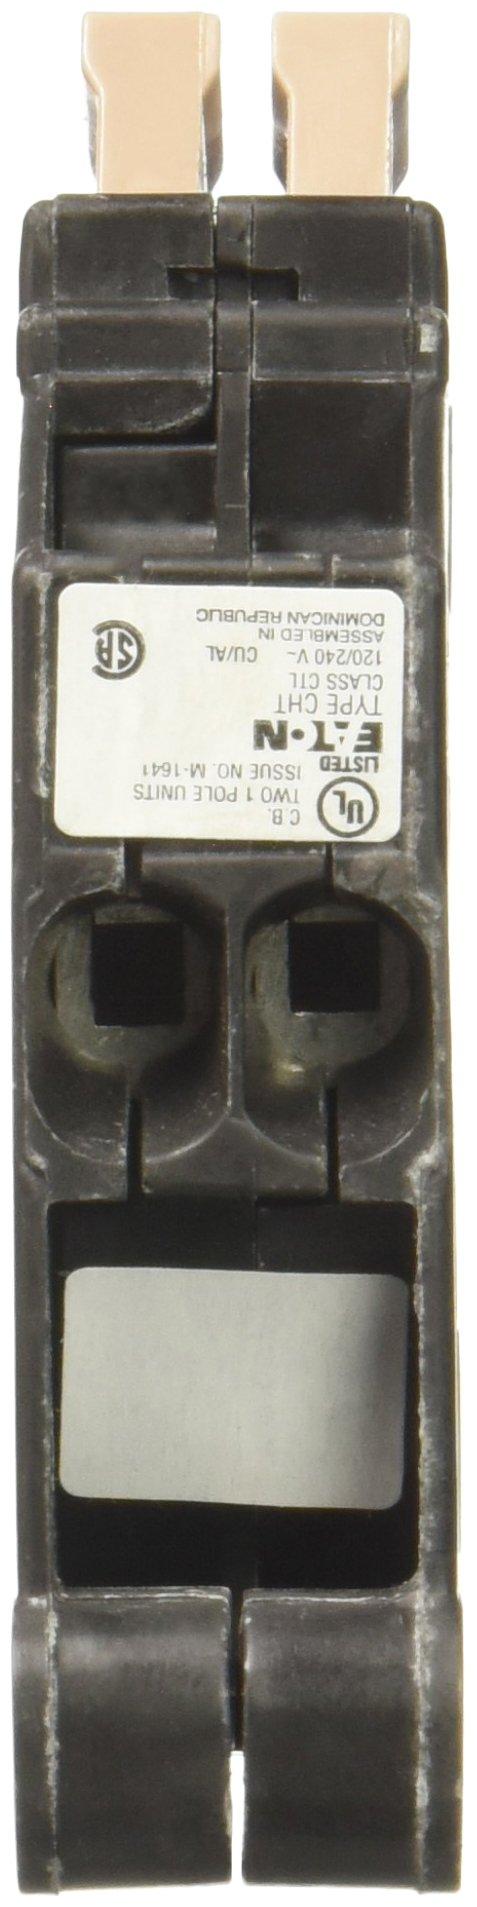 EATON CHT1515 3/4'', 120 Vac, 15 Amps 606122 Ch Series Single-Pole Twin Breaker